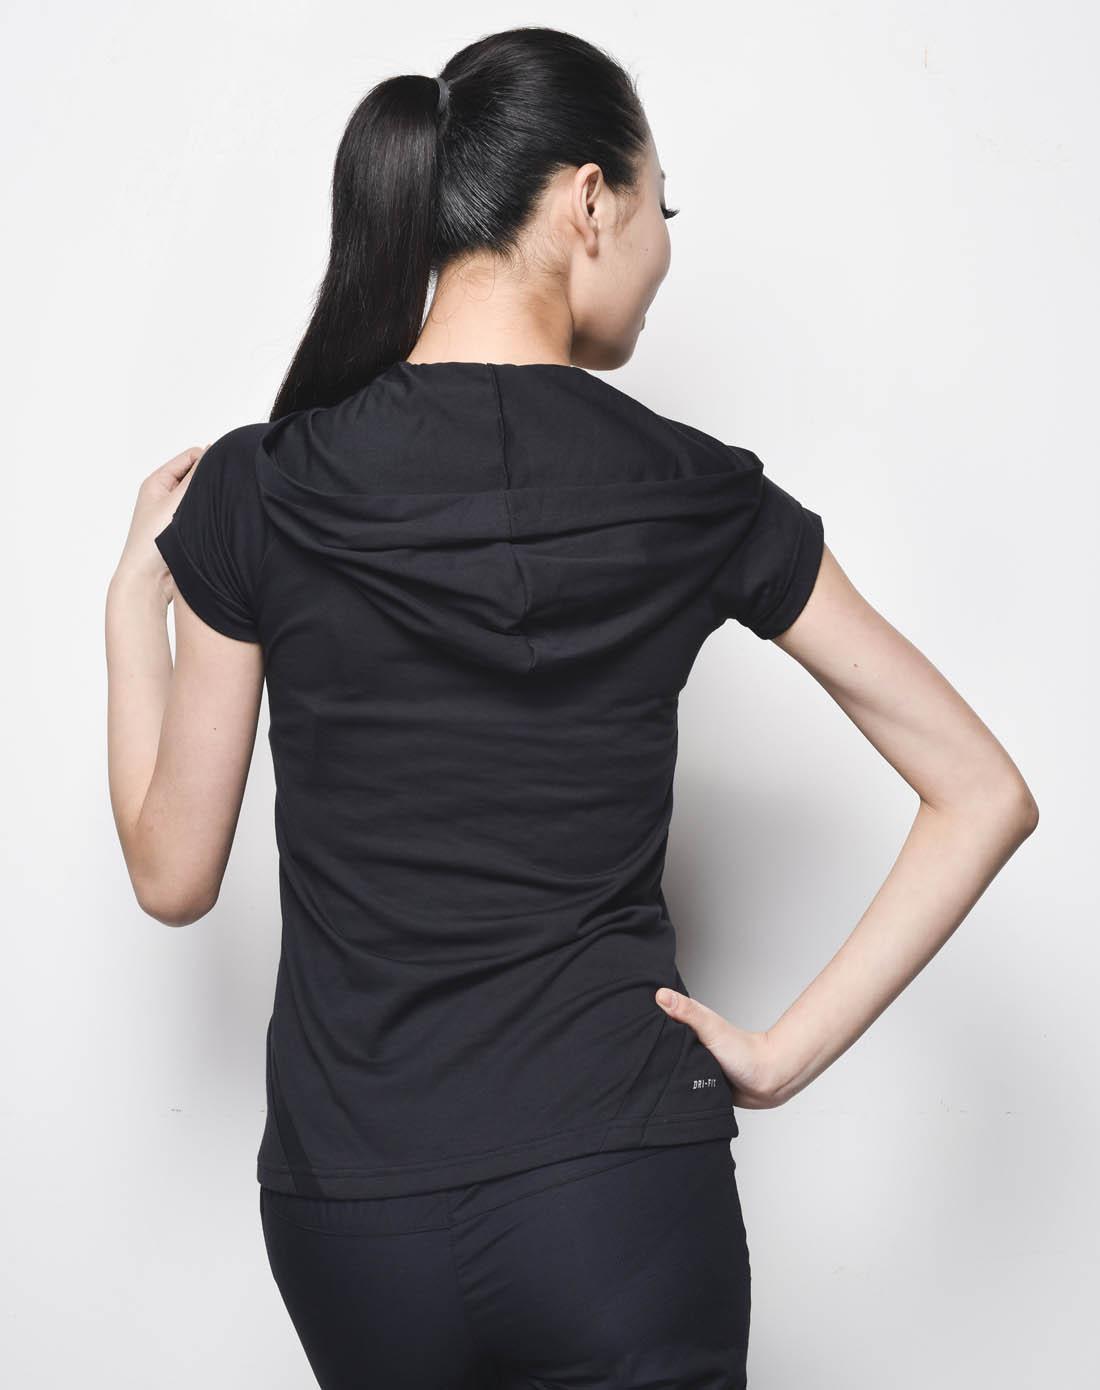 耐克nike女子黑色短袖t恤381398-010